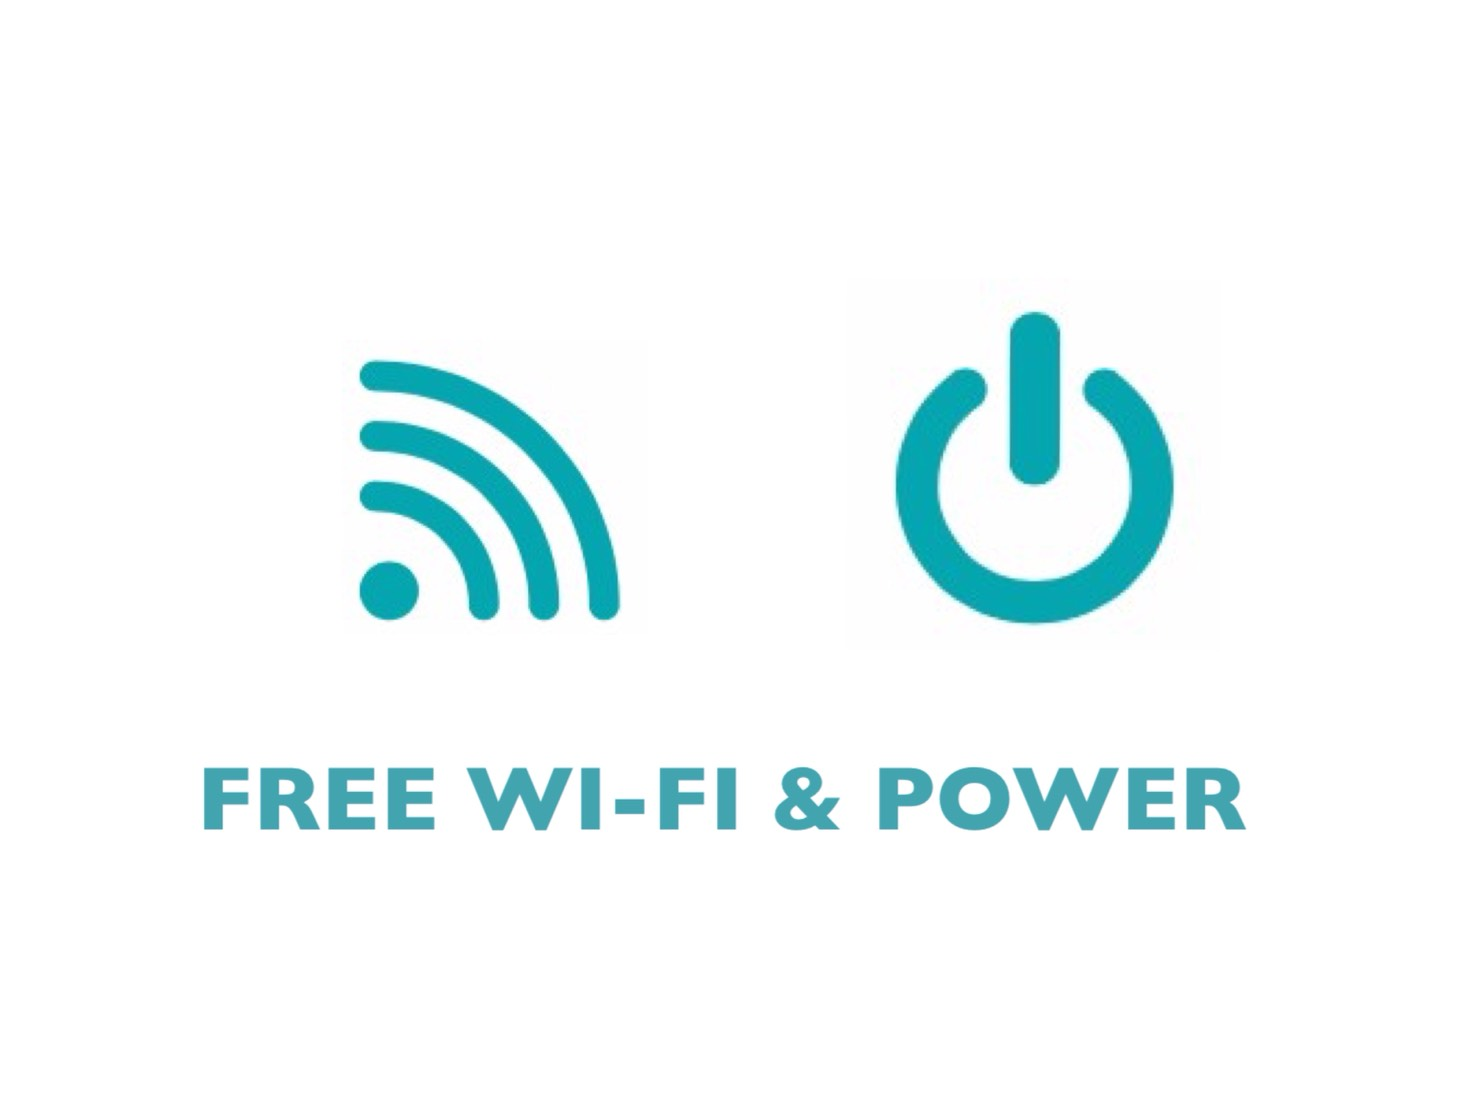 FREE wi-fi & power